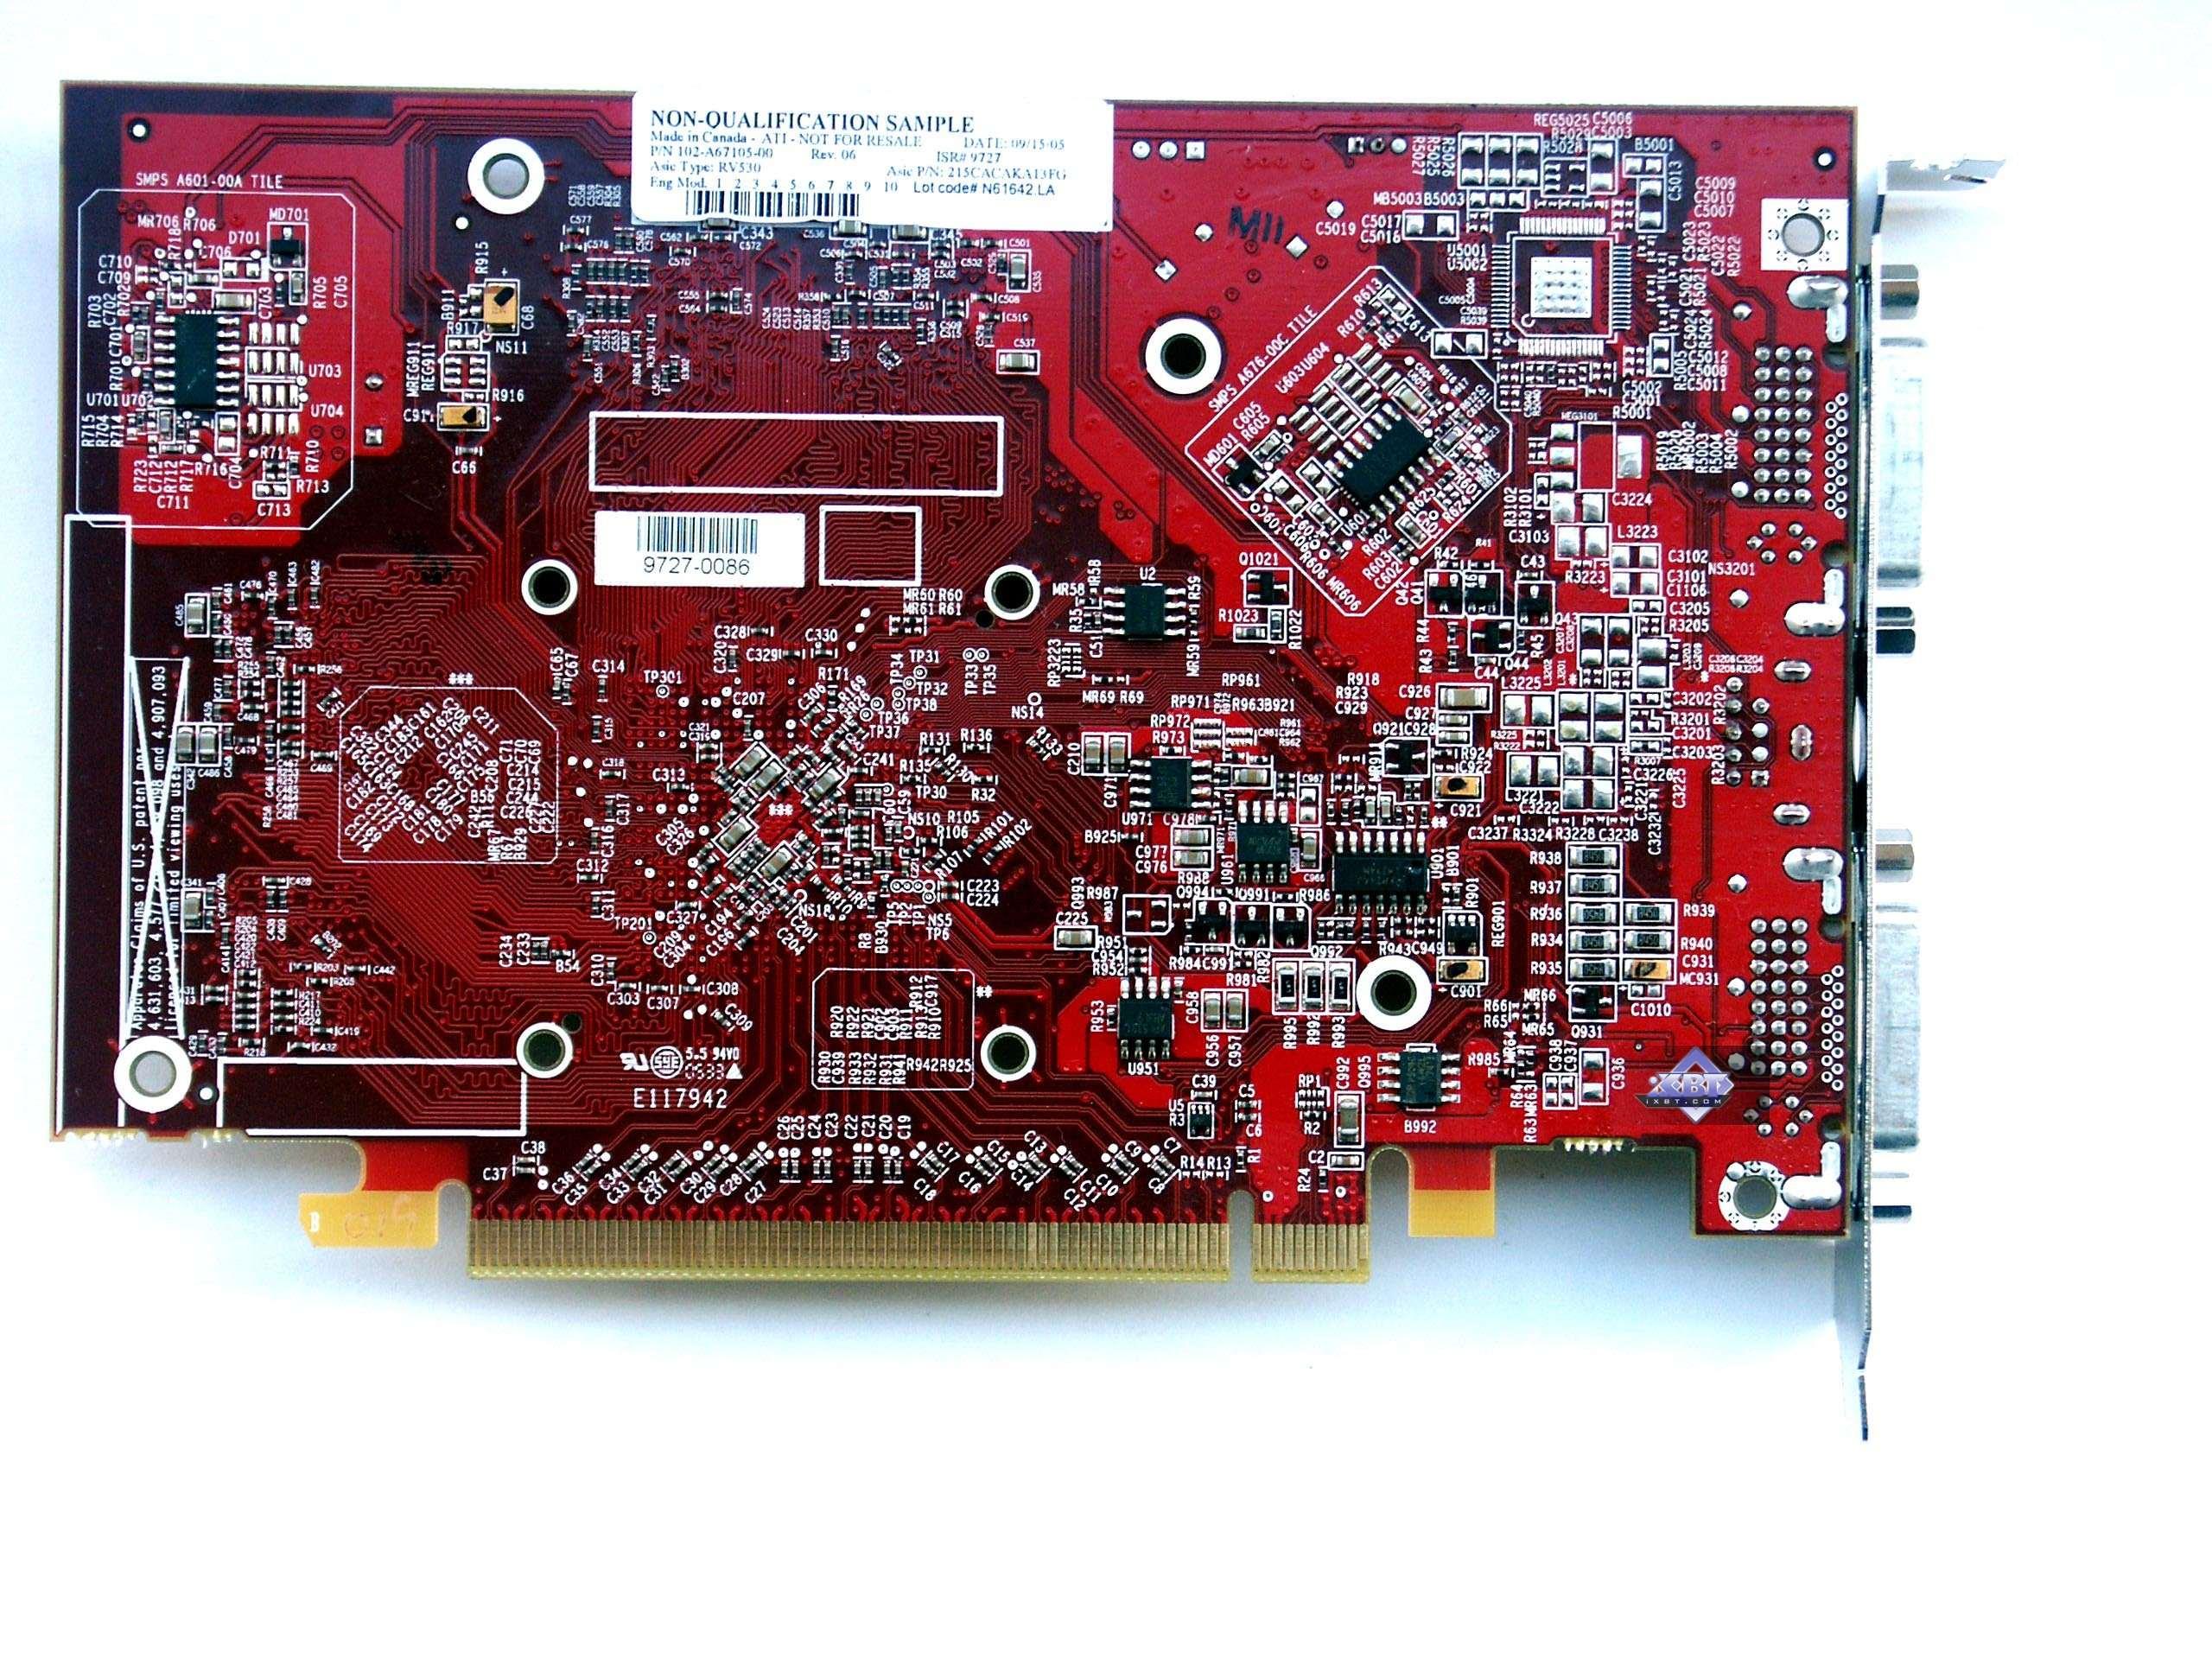 Radeon x1600 series драйвер скачать